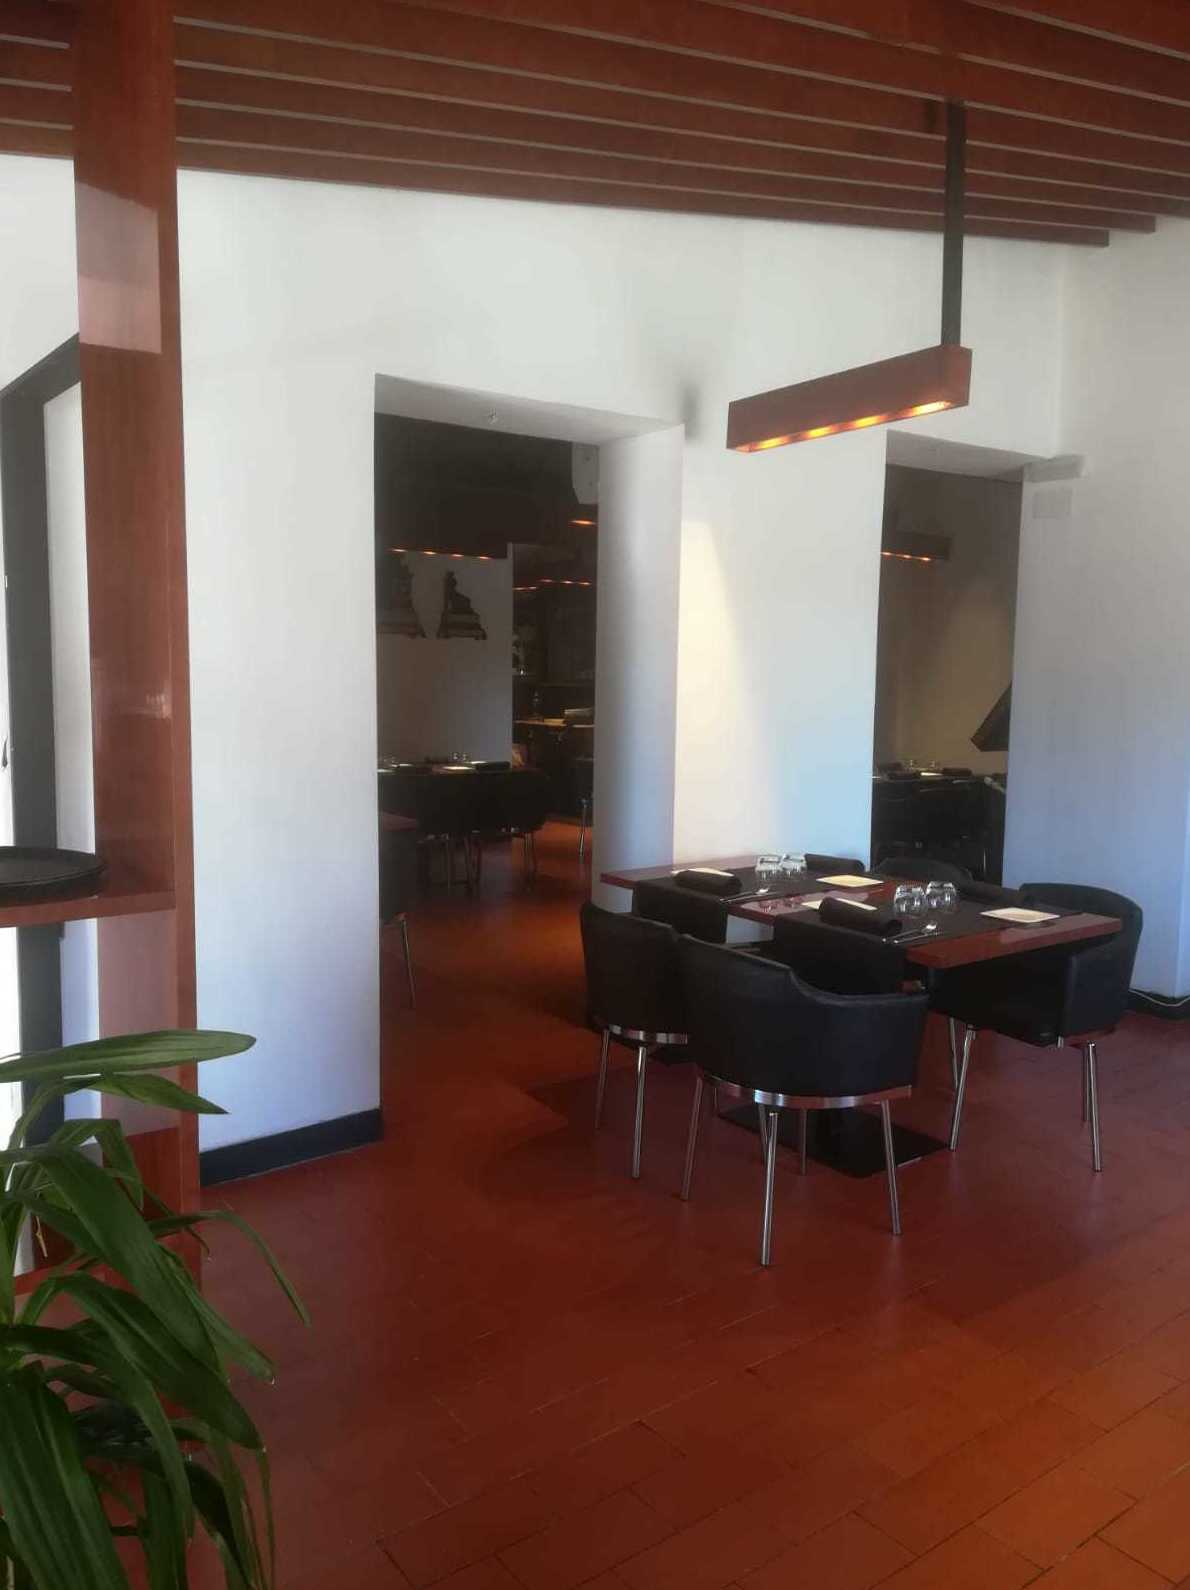 Foto 7 de Cocina creativa en Estación de Medinaceli | Restaurante Duque